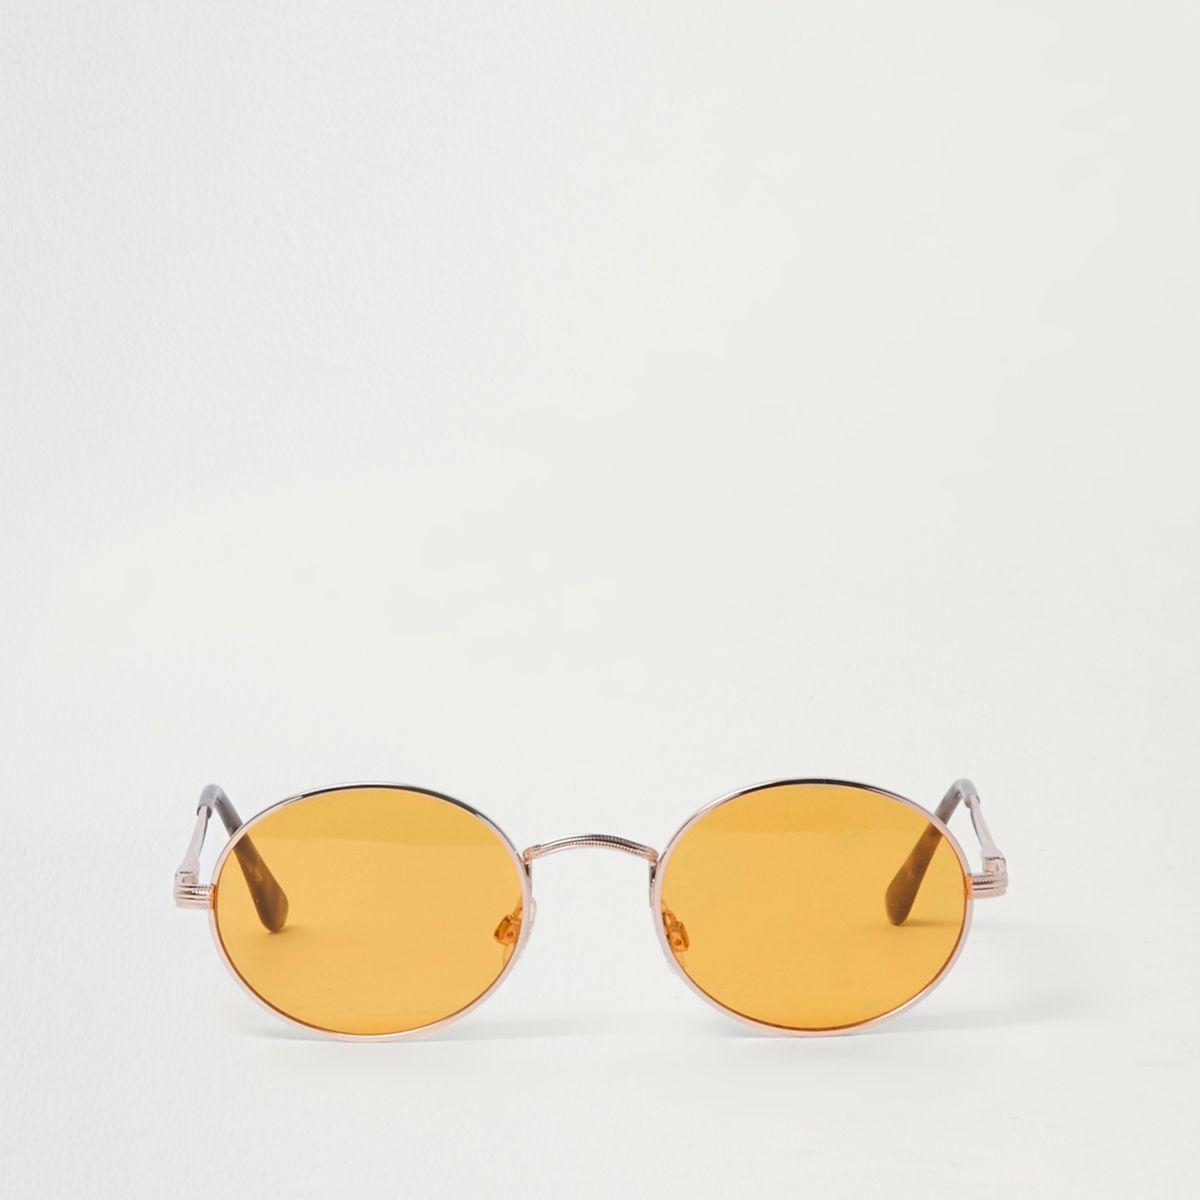 River Island Lunettes de soleil dorées ovales à verres jaunes